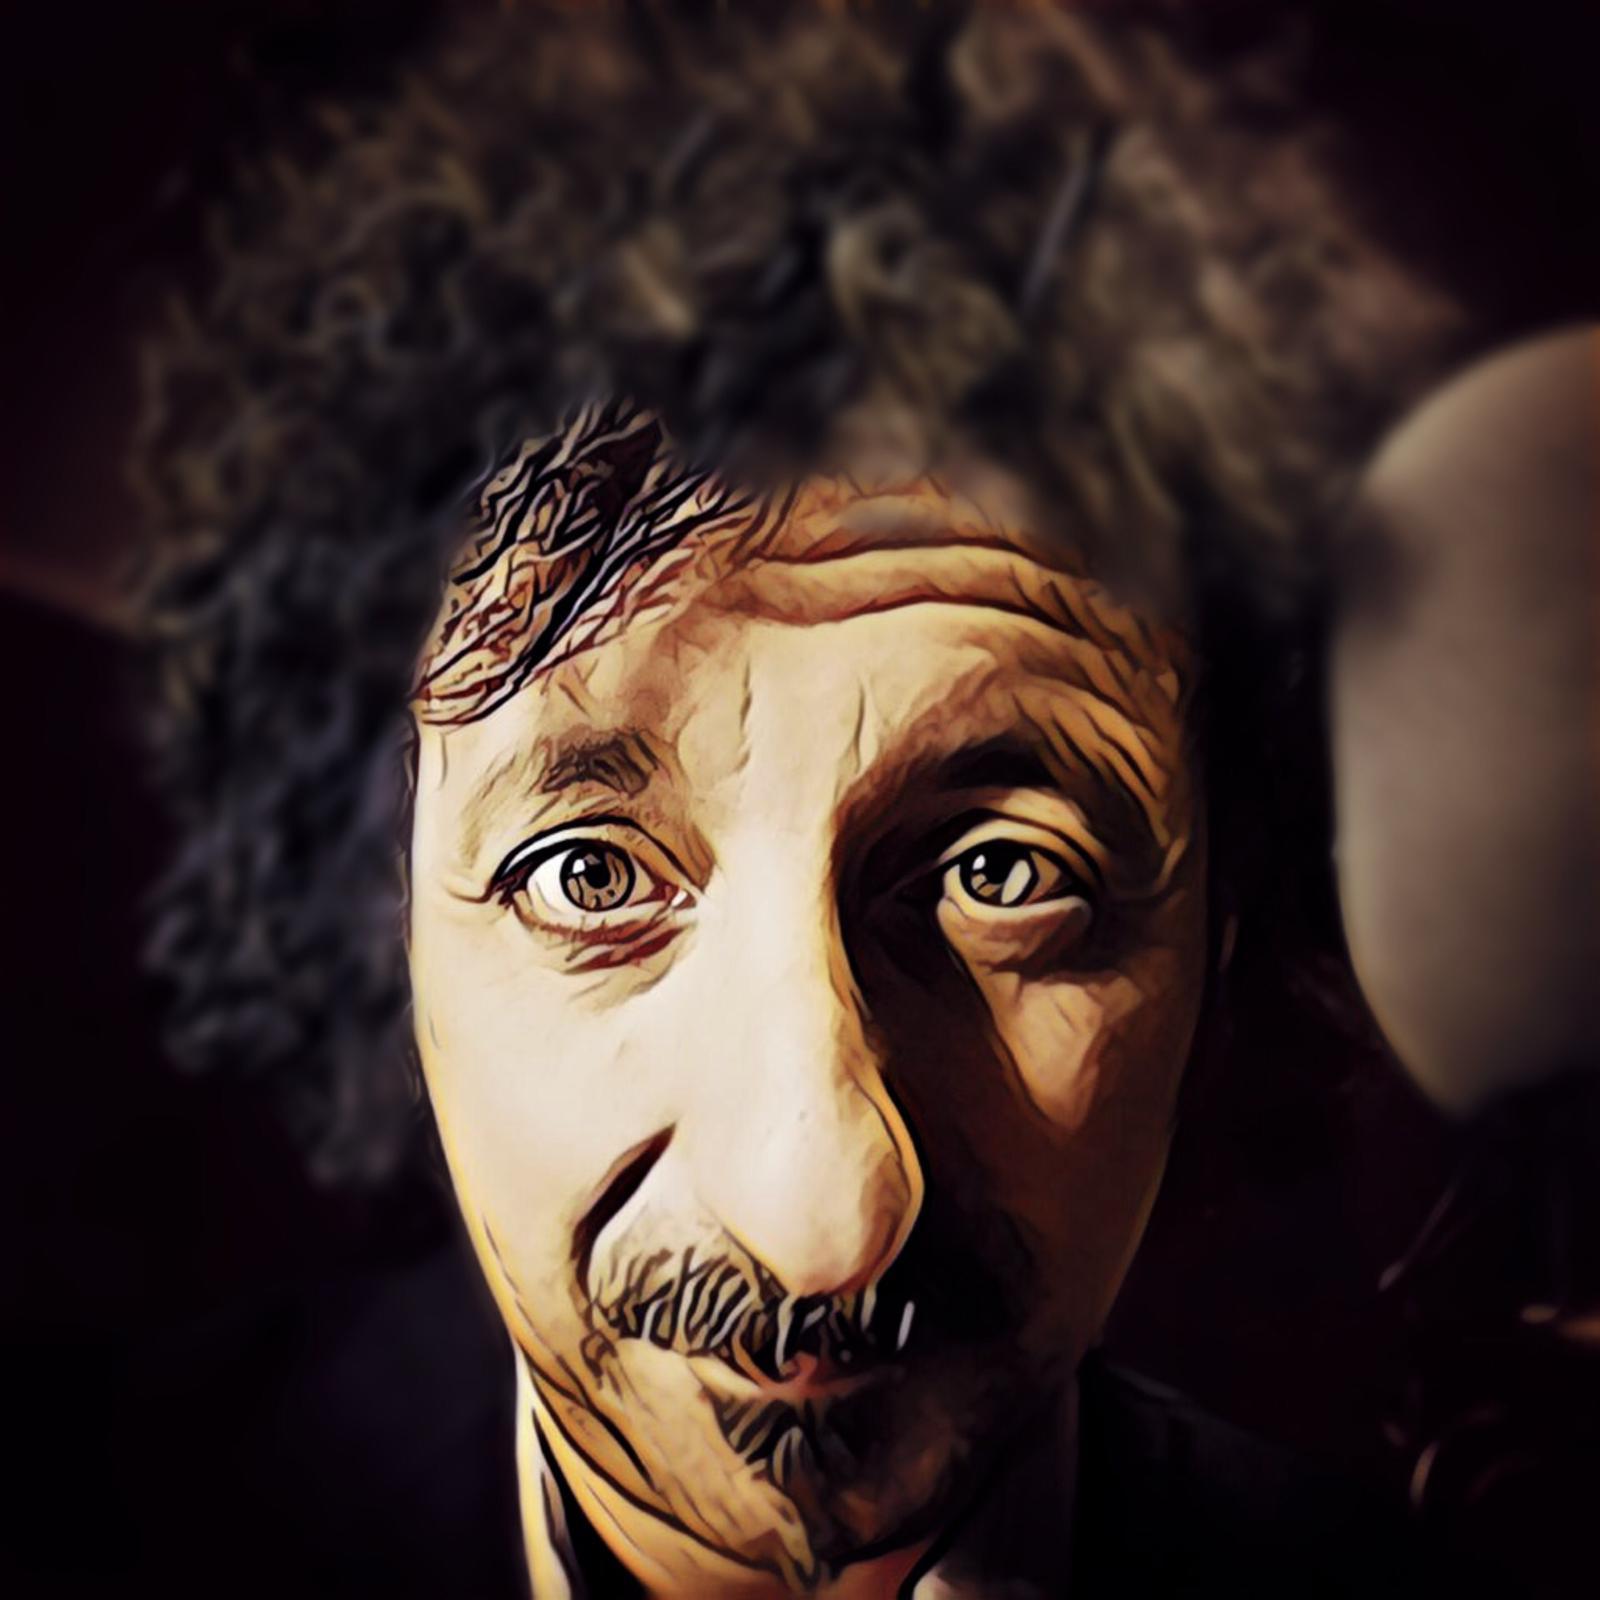 Antonio Sacco Djset Live on Mixcloud